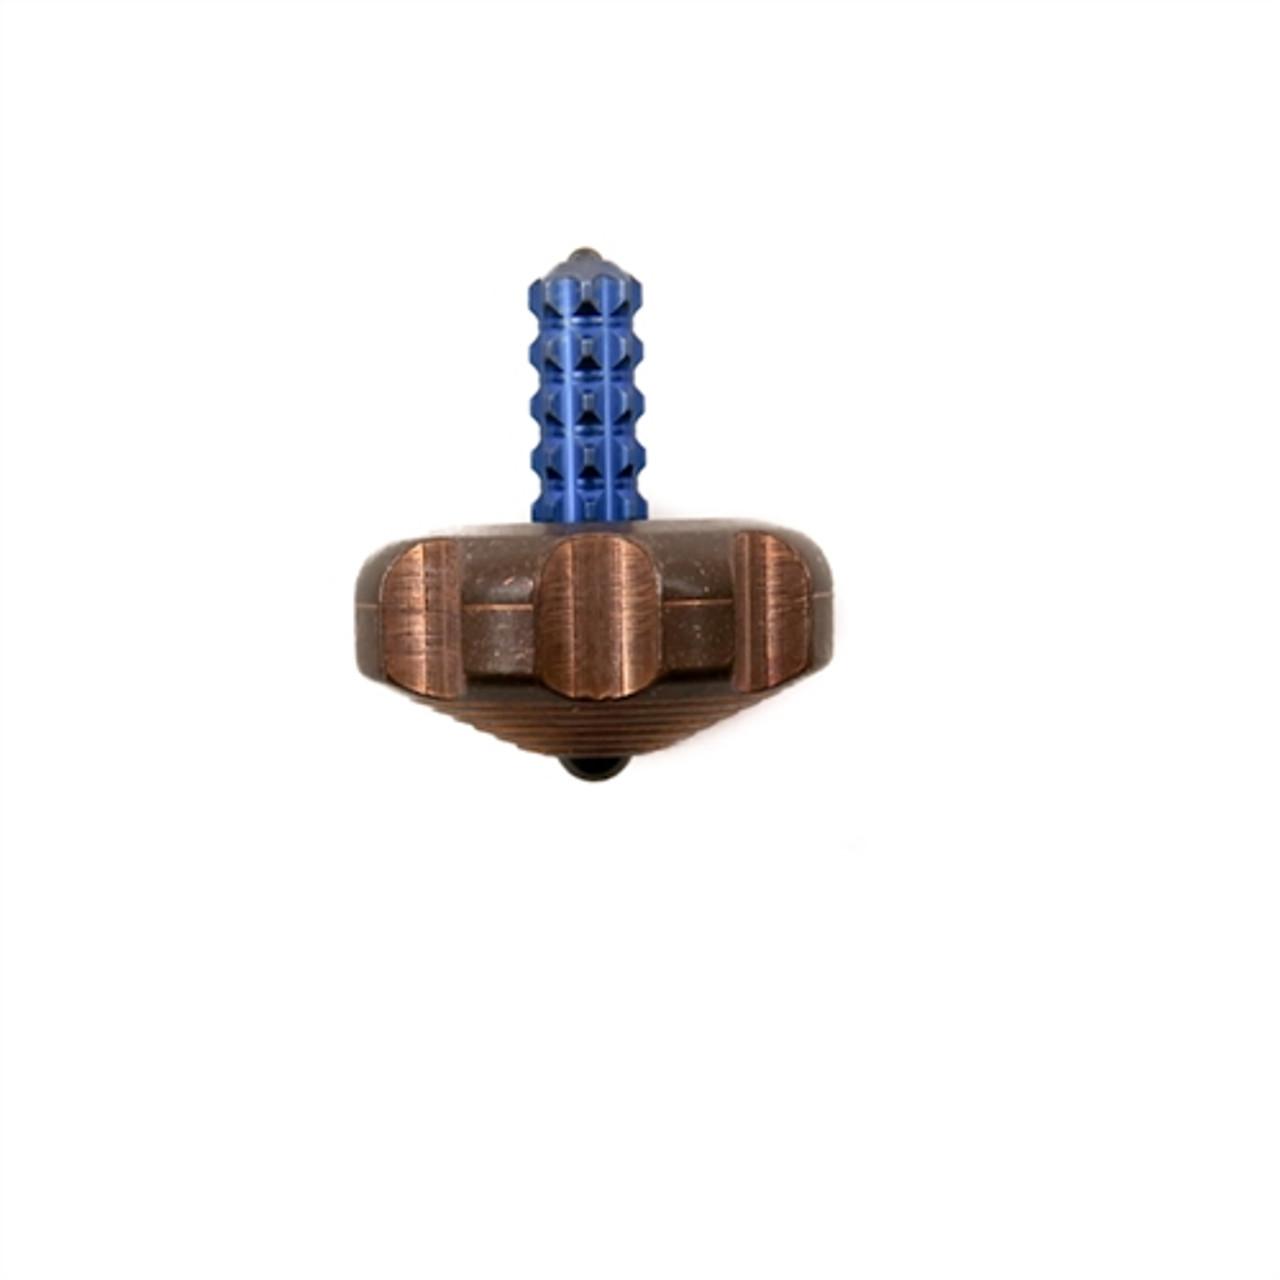 Marfione Custom Knives Copper Mini Spin Top, Blue Titanium Stem